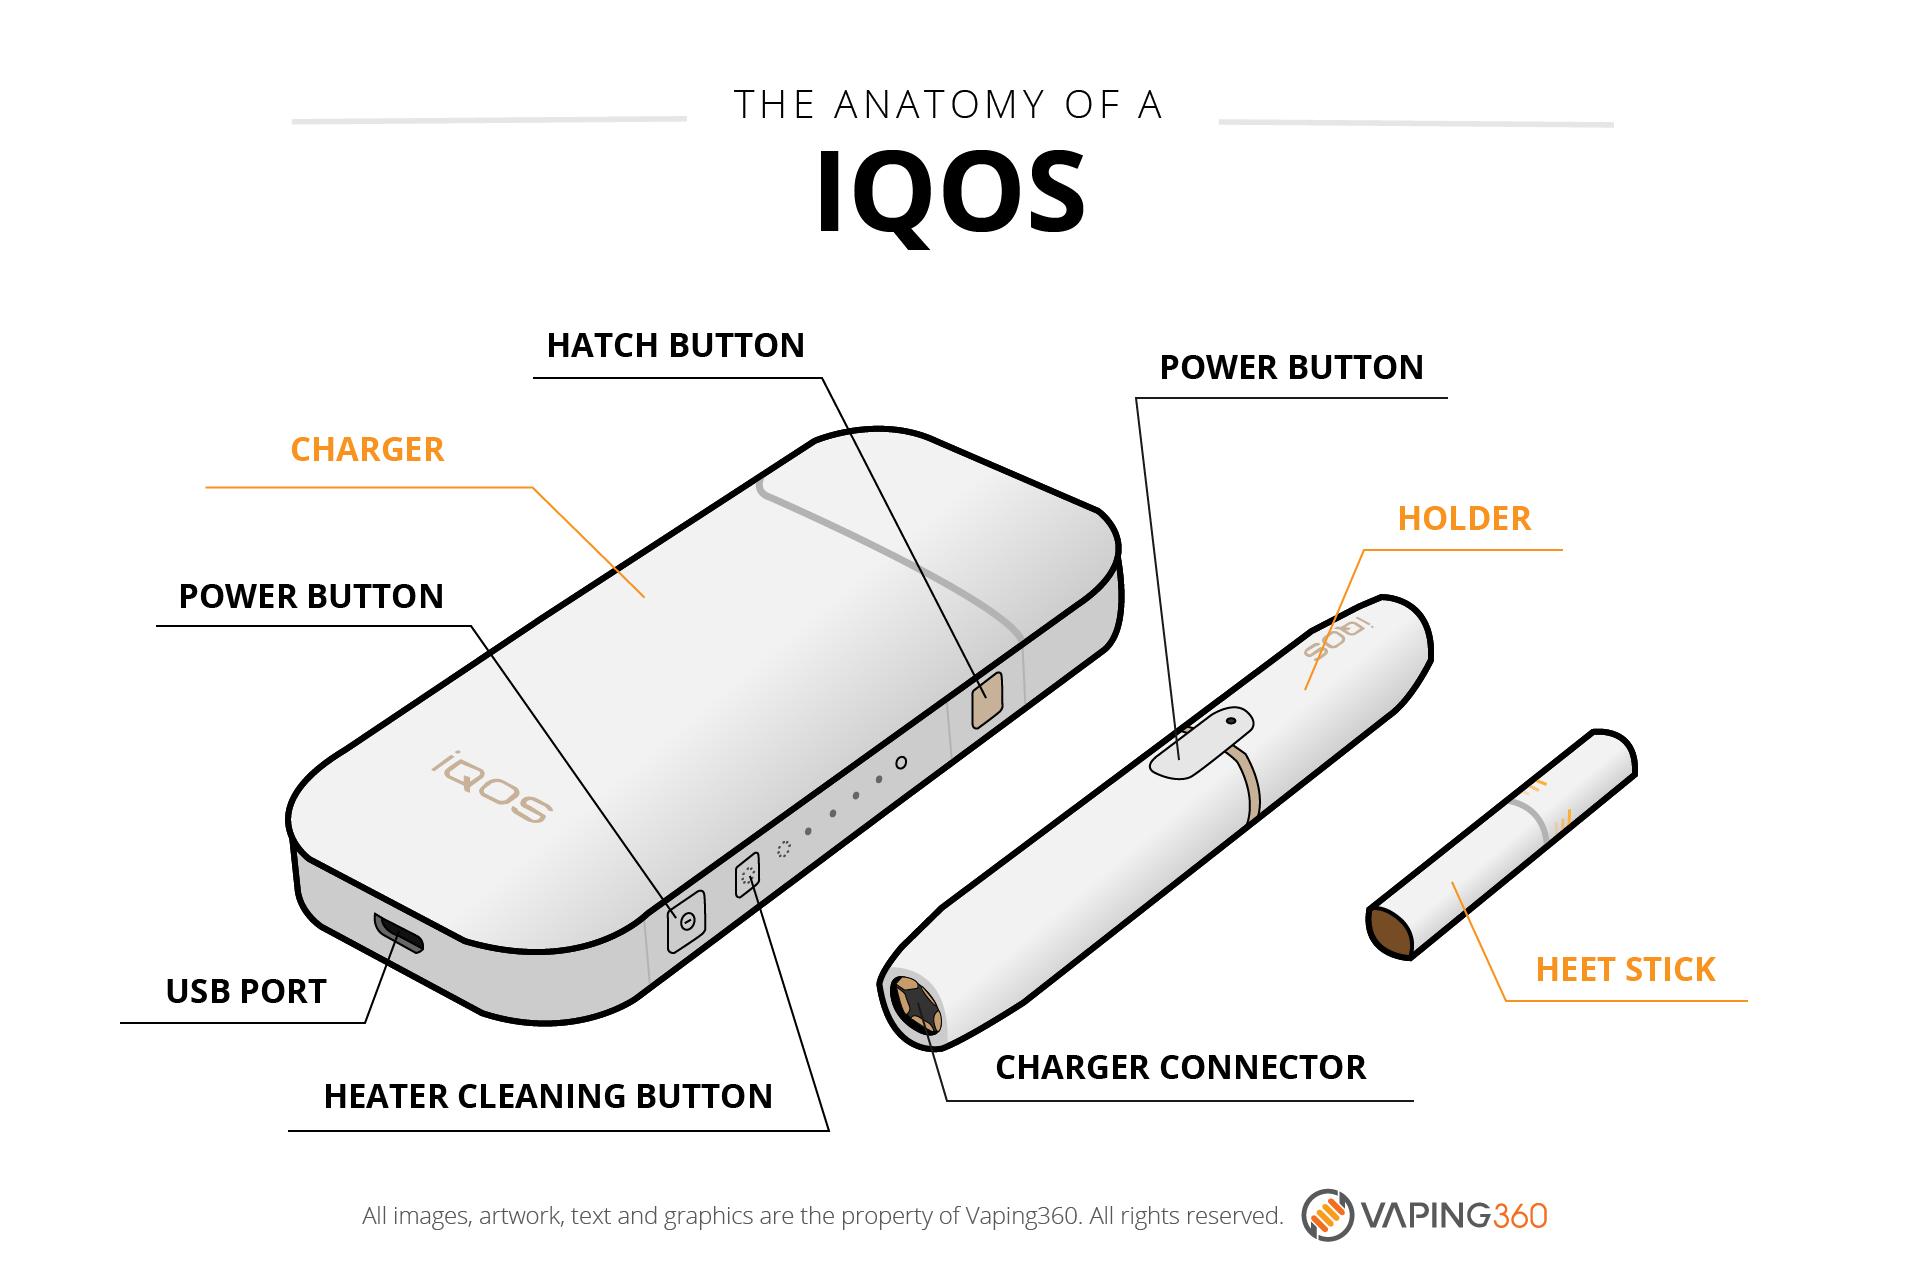 IQOS Anatomy